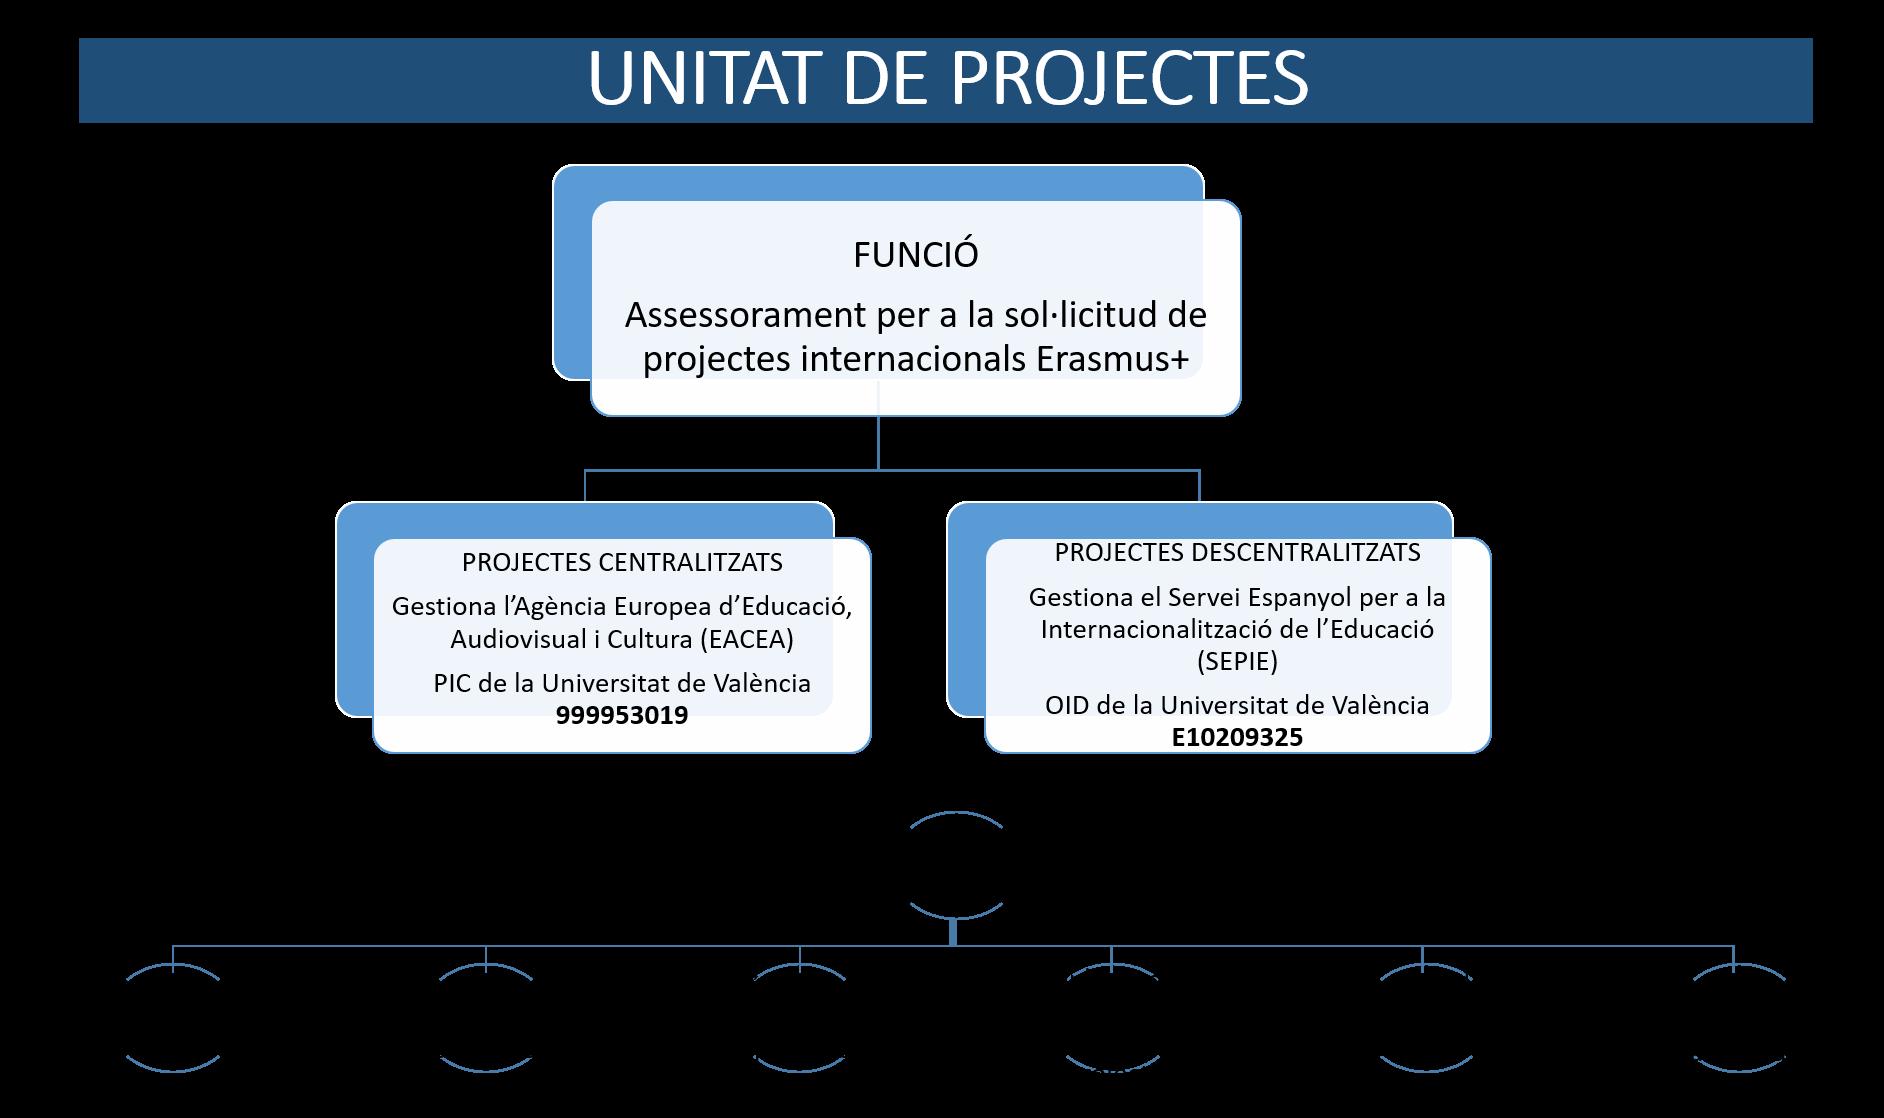 Unitat Projectes